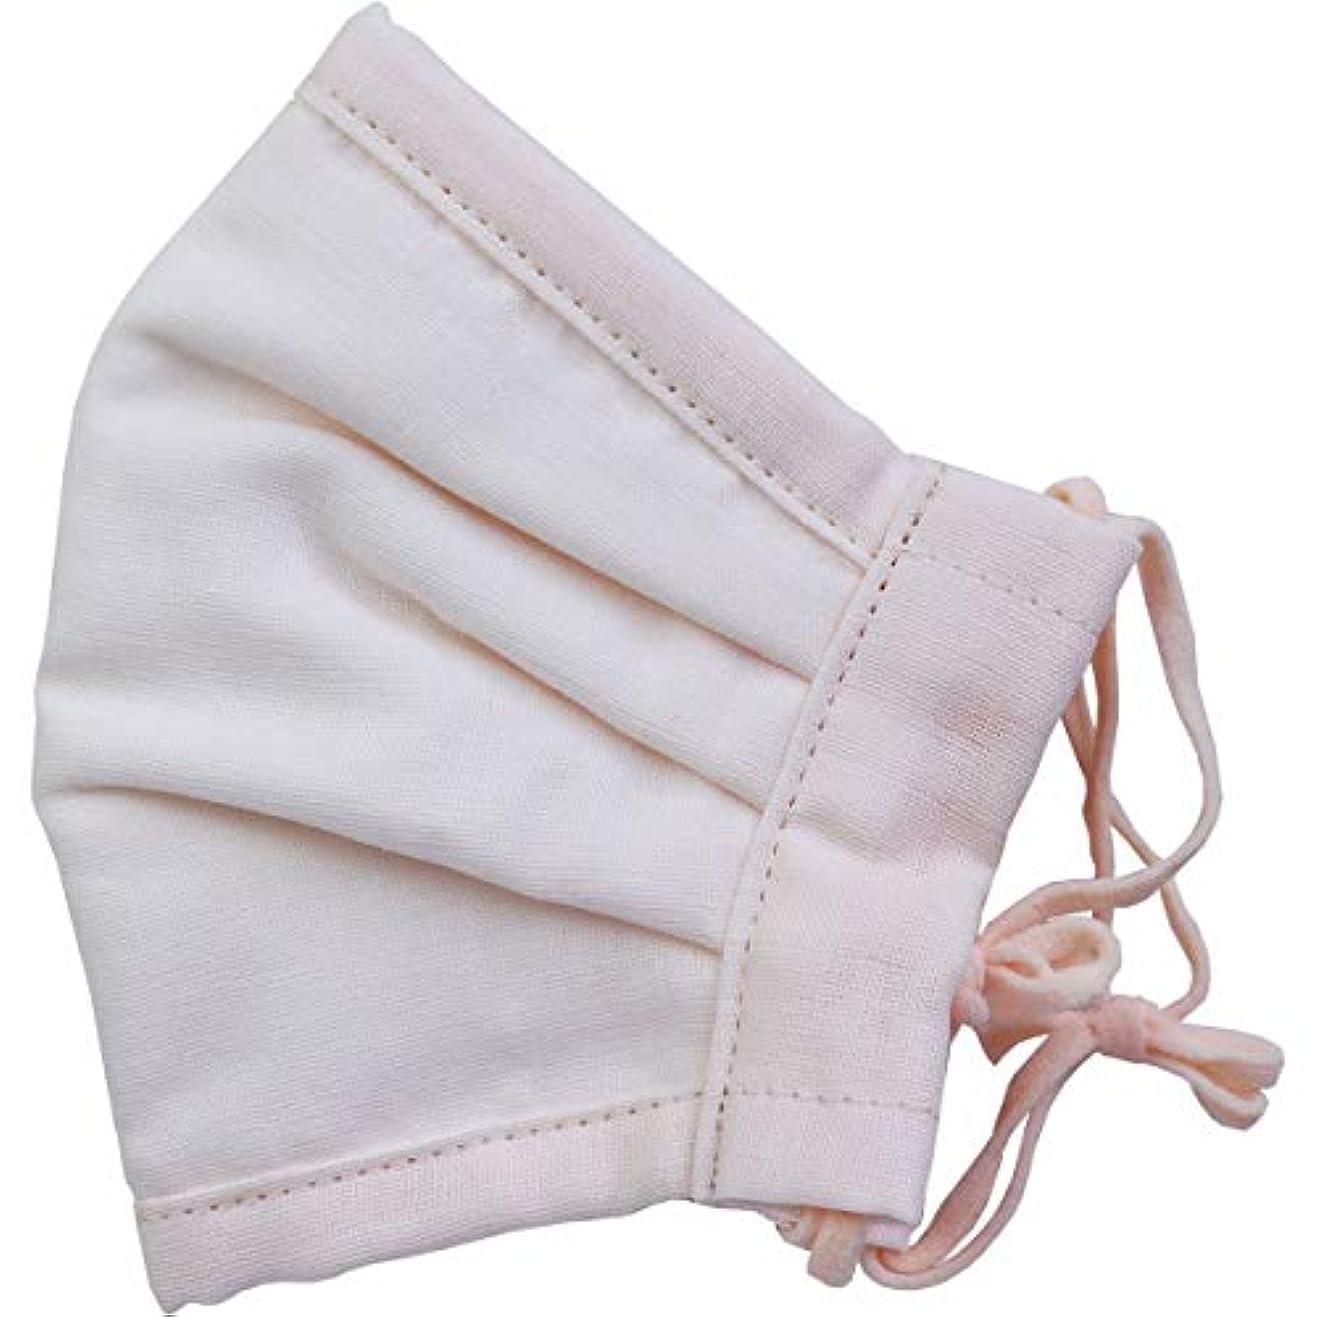 道徳教育雪の教義さらふわマスクダイヤドビー 敏感肌用 ライトピンク ふつうサイズ 1枚入(単品)